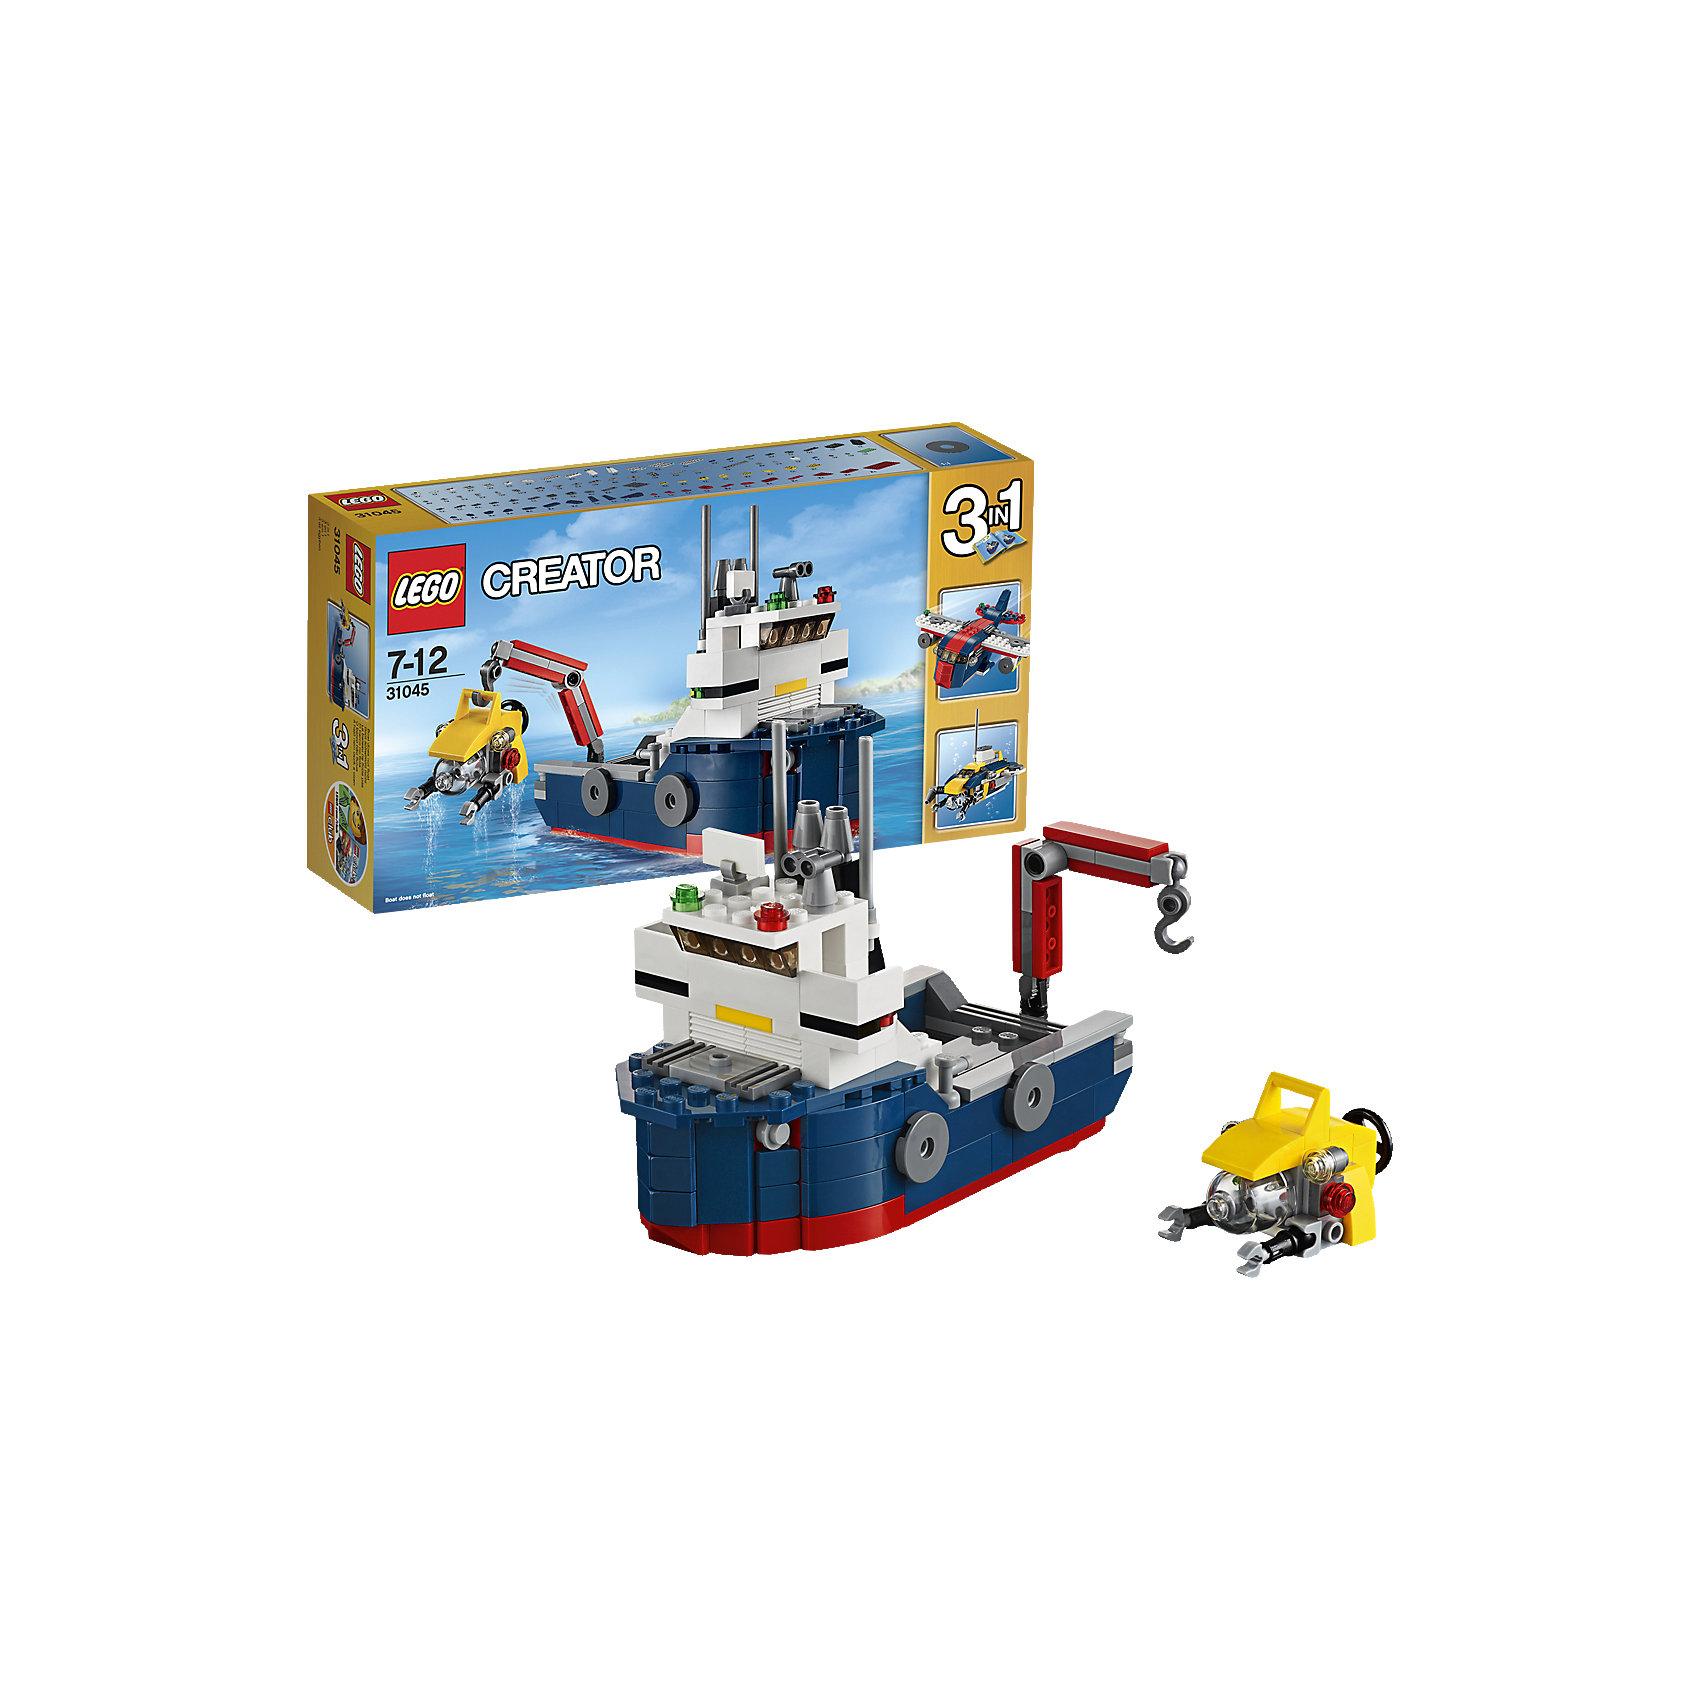 LEGO Creator 31045: Морская экспедицияПластмассовые конструкторы<br>Используй этот крутой набор, из которого можно собрать корабль, включающий капитанский мостик, навигационные огни, радар, антенну, трубу и желтую роботизированную подводную лодку, чтобы исследовать глубины океана. Управляй краном на корабле, чтобы спустить подводную лодку в море, а затем погружайся и проводи исследования! Когда будешь готов к переменам, собери грузовой самолет или большую подводную лодку.<br><br>LEGO Creator (Лего Криэйтор) - серия конструкторов Лего, с помощью которых можно создать самые невероятные и детализированные постройки, оригинальных героев, необыкновенные транспортные средства. Из деталей одного набора можно построить несколько разных моделей. С конструкторами Лего Криэйтор ребёнок сможет каждый день придумывать новые игровые сюжеты, создавать фантастический мир, воплощая фантазии в реальность.  <br><br>Дополнительная информация:<br><br>- Конструкторы ЛЕГО развивают усидчивость, внимание, фантазию и мелкую моторику. <br>- Комплектация: корабль.<br>- Количество деталей: 213.<br>- Серия LEGO Creator (Лего Криэйтор).<br>- Материал: пластик.<br>- Размер упаковки: 26х6х14 см.<br>- Вес: 0.315 кг.<br><br>LEGO Creator 31045: Морская экспедиция можно купить в нашем магазине.<br><br>Ширина мм: 267<br>Глубина мм: 142<br>Высота мм: 63<br>Вес г: 312<br>Возраст от месяцев: 84<br>Возраст до месяцев: 144<br>Пол: Мужской<br>Возраст: Детский<br>SKU: 4259026